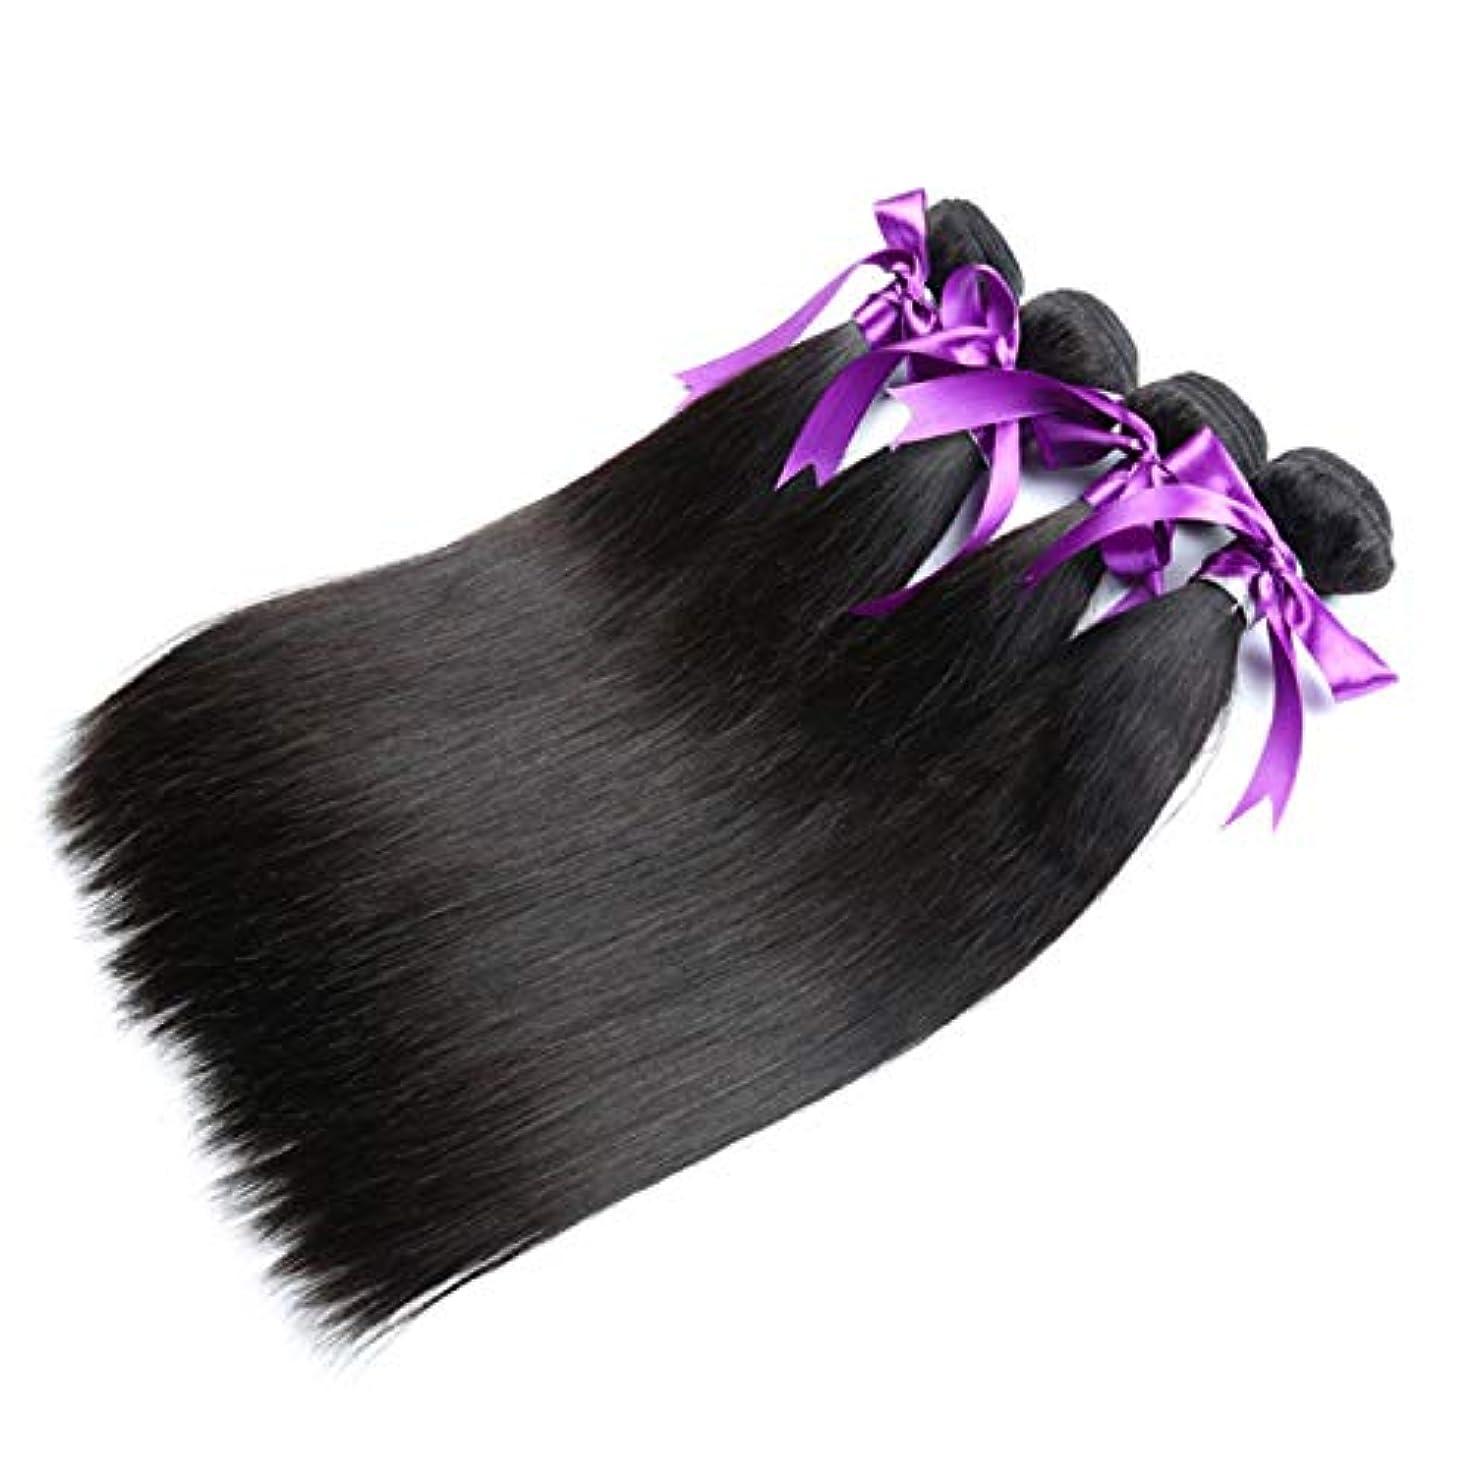 アシスト姿を消す昨日ペルーのストレートヘア4本の人間の髪の毛の束非レミーの毛の延長ナチュラルブラック (Length : 8 8 10 10)